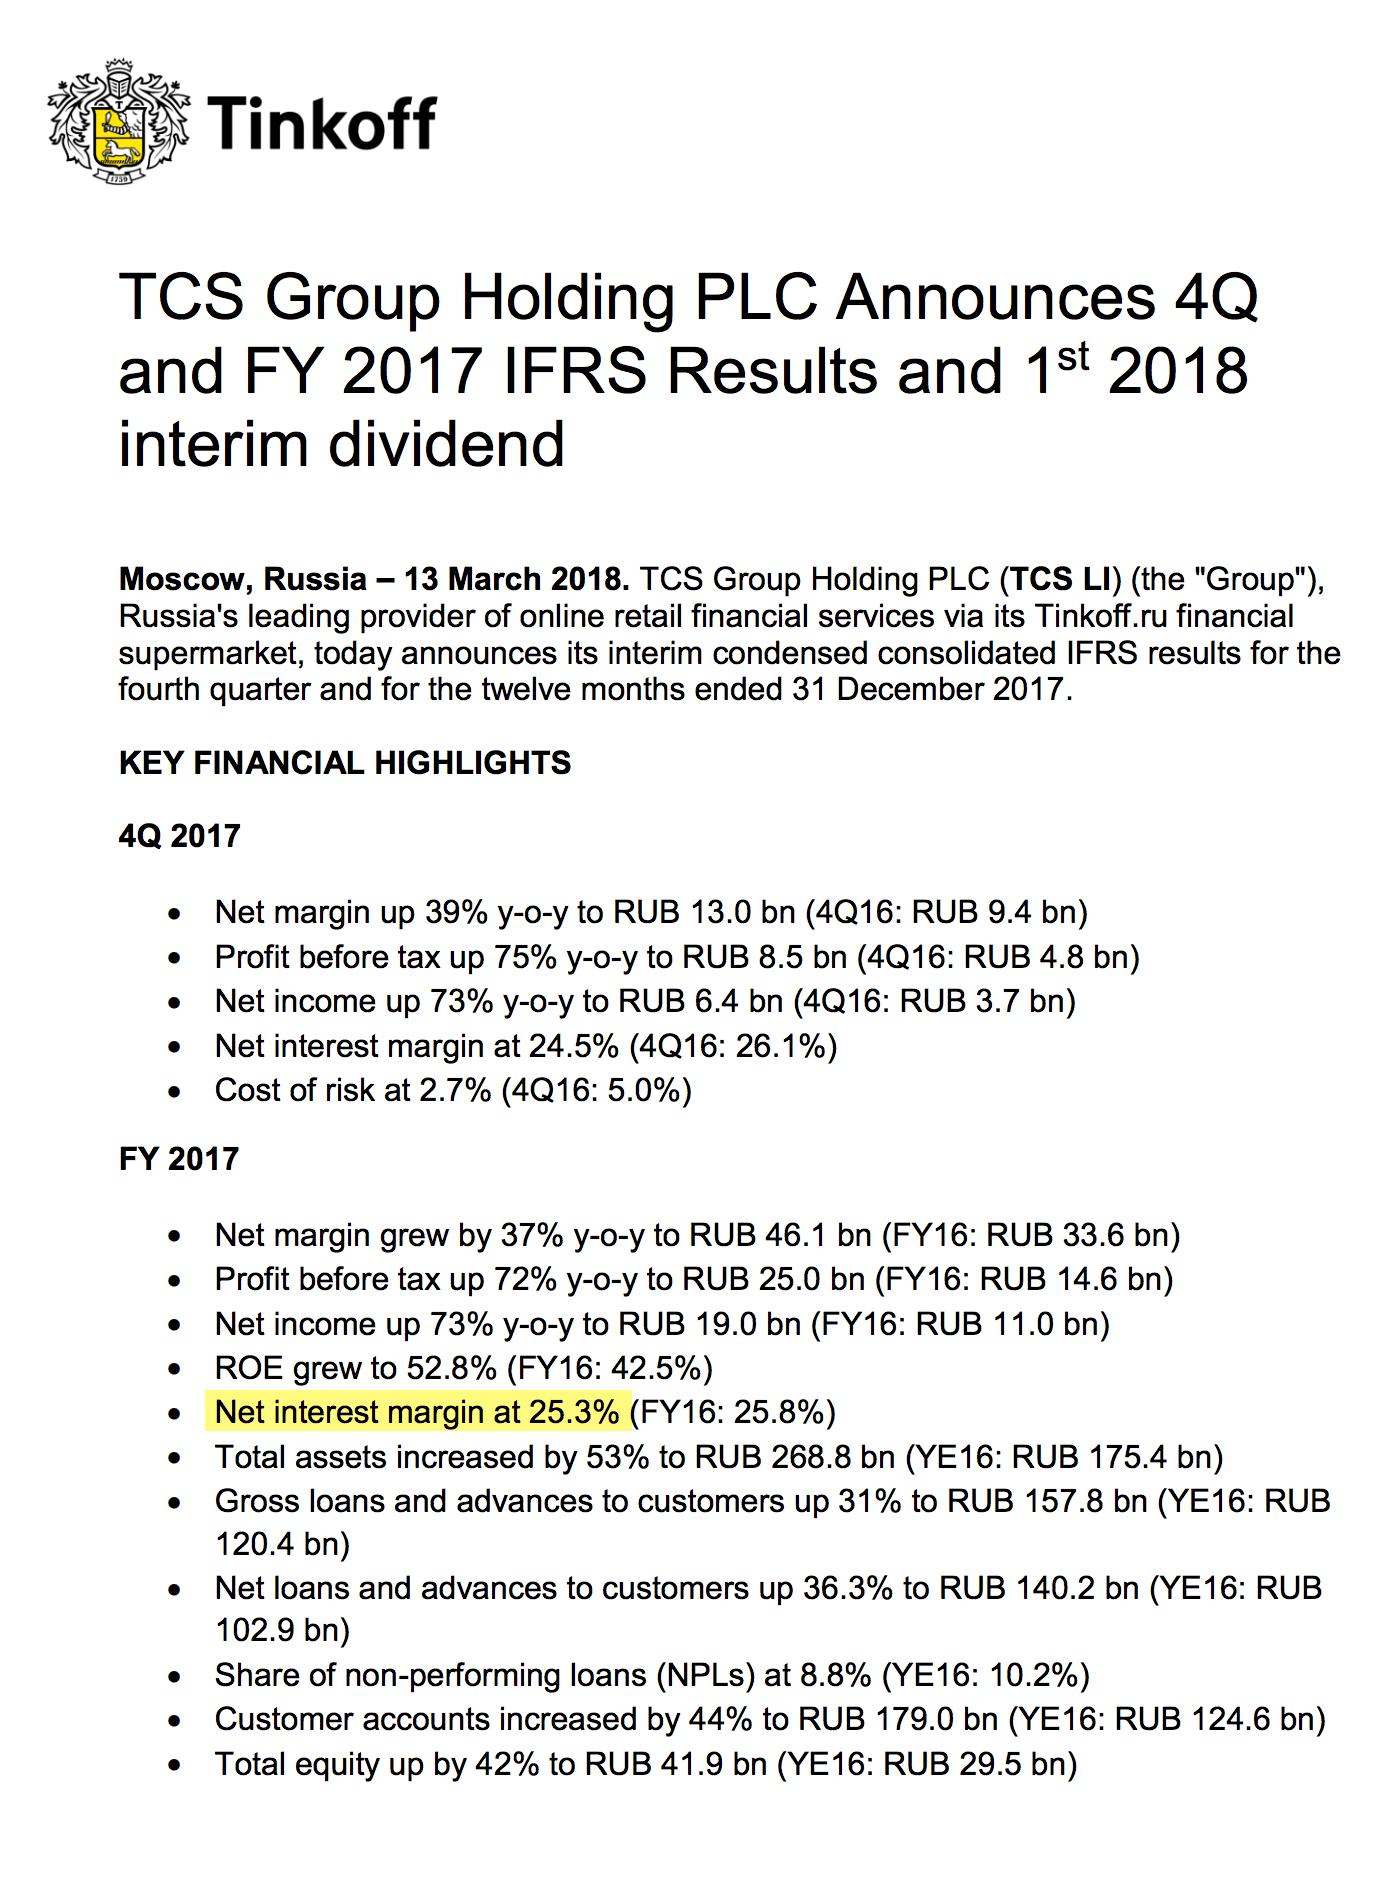 Страница 1 пресс-релиза «ТКС-груп» по итогам 2017 года